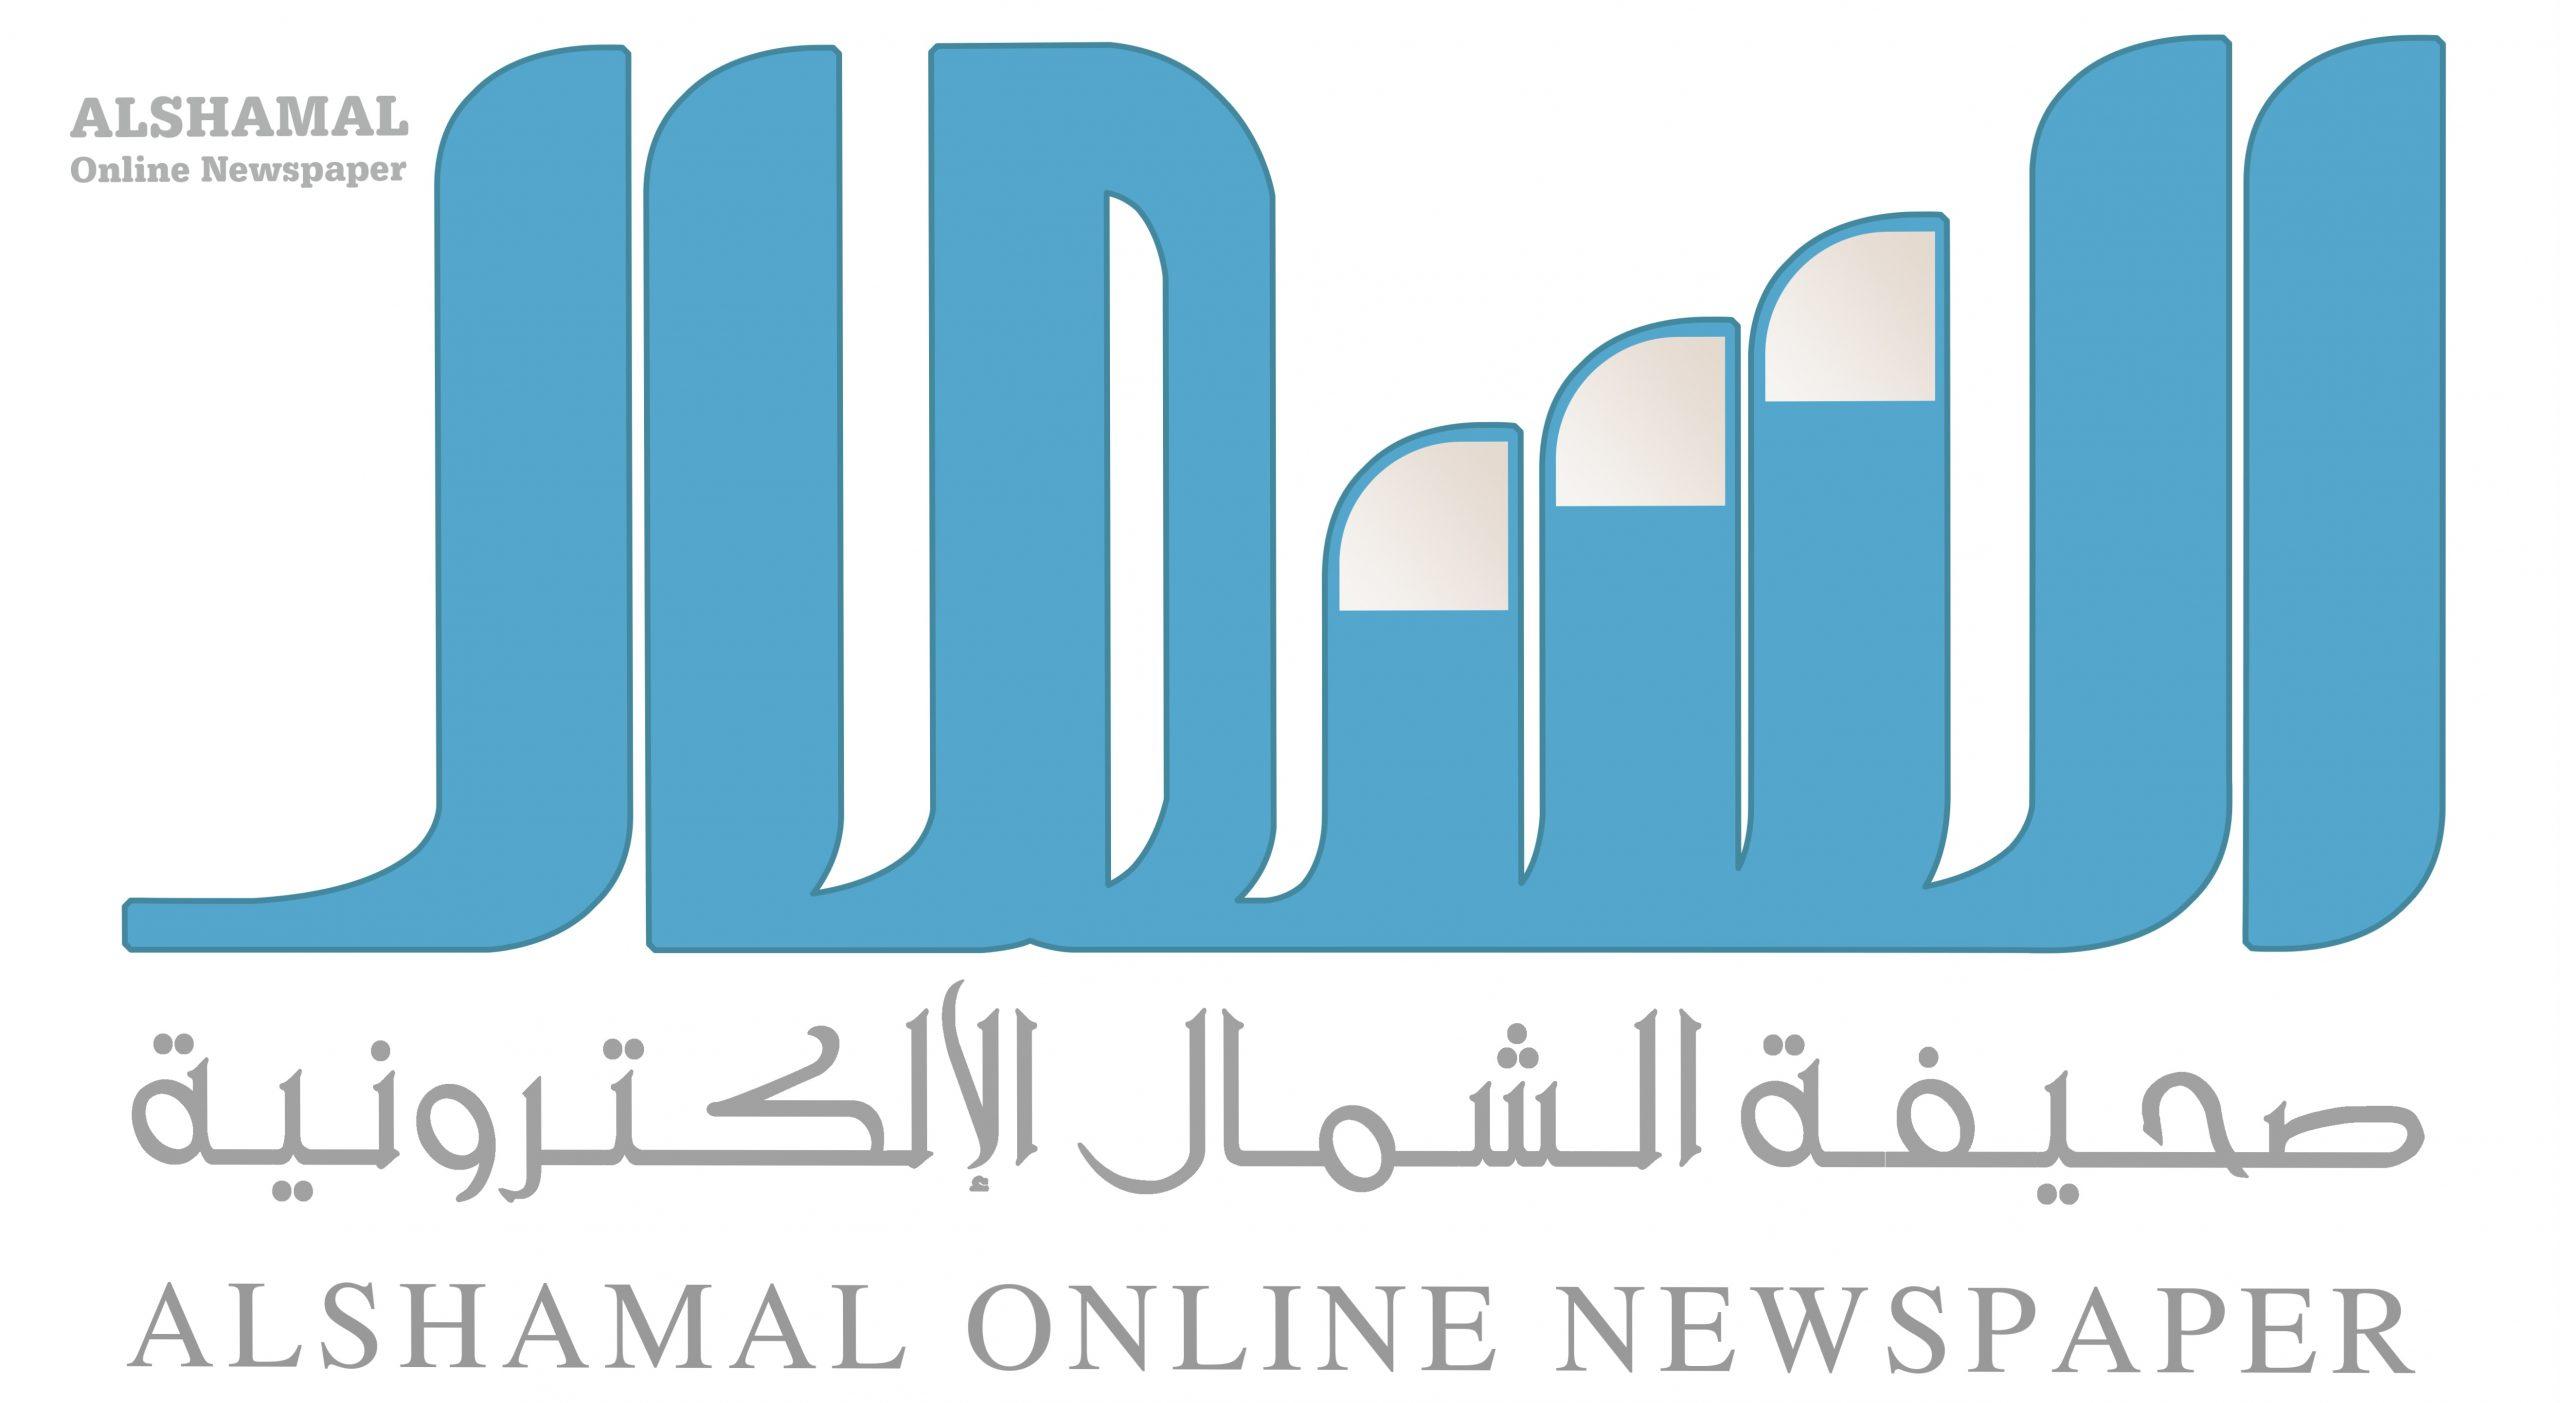 صحيفة الشمال الإلكترونية